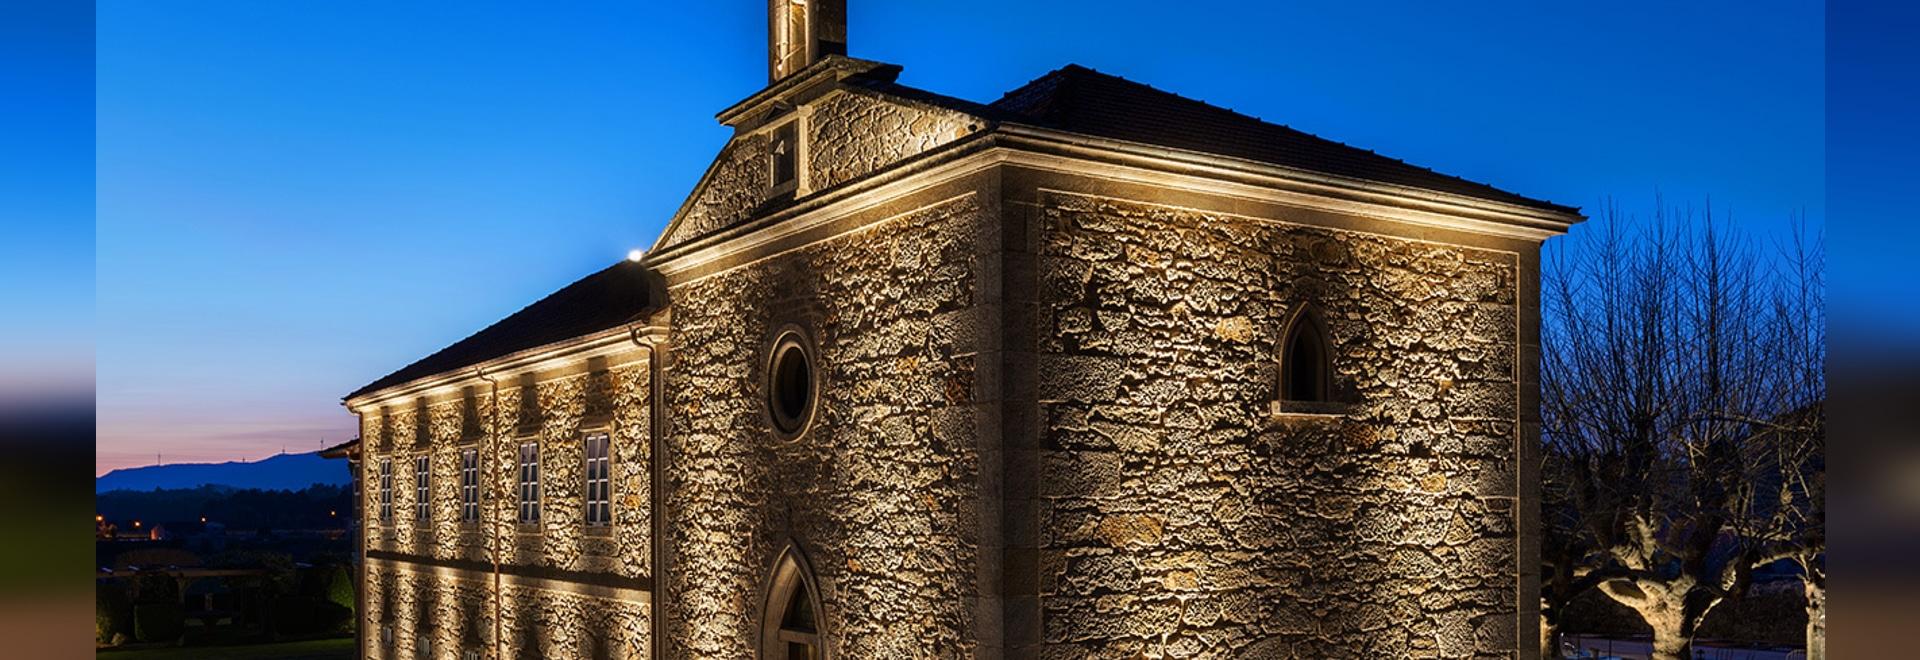 Pazo un Toxeiriña - un Moraña, Galizia, Spagna